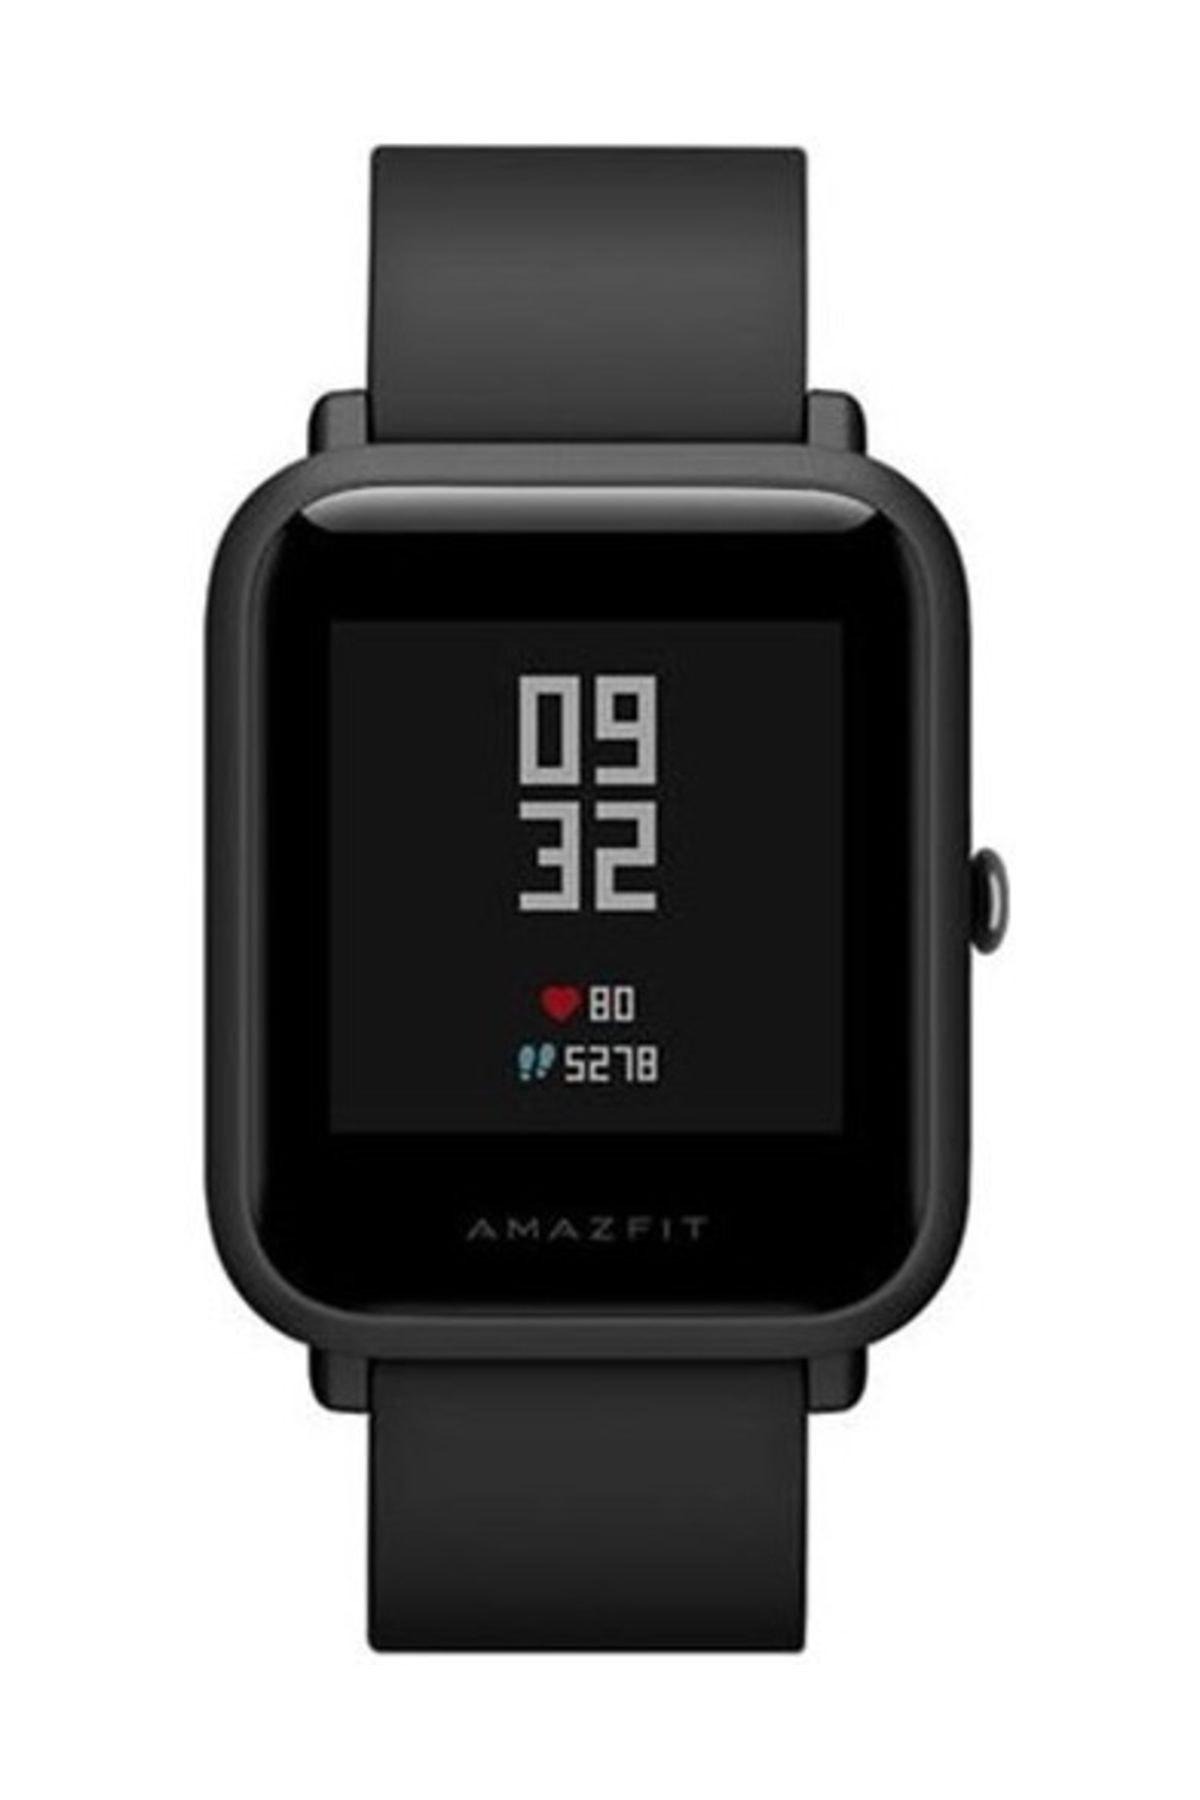 Amazfit Bip Akıllı Saat Bileklik - Türkçe Versiyon Siyah 2